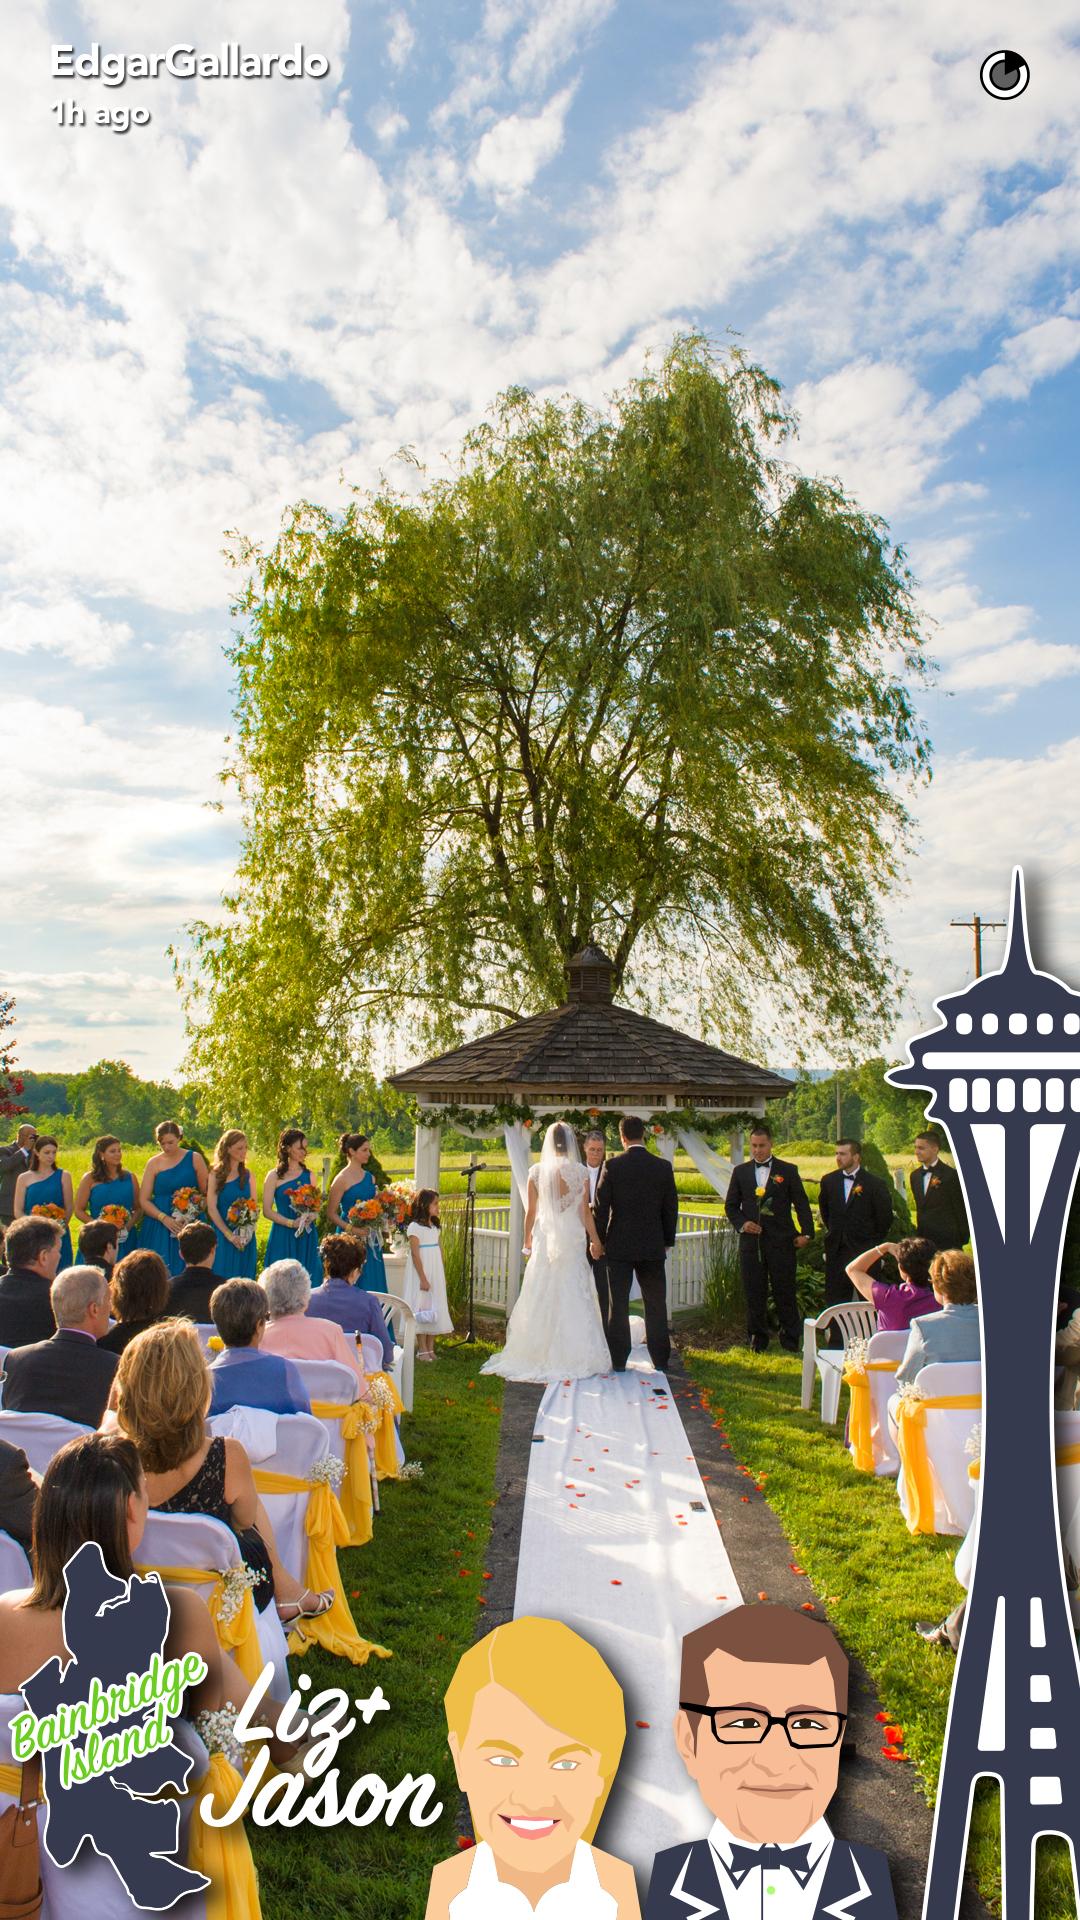 Wedding_LizJason_v01.jpg